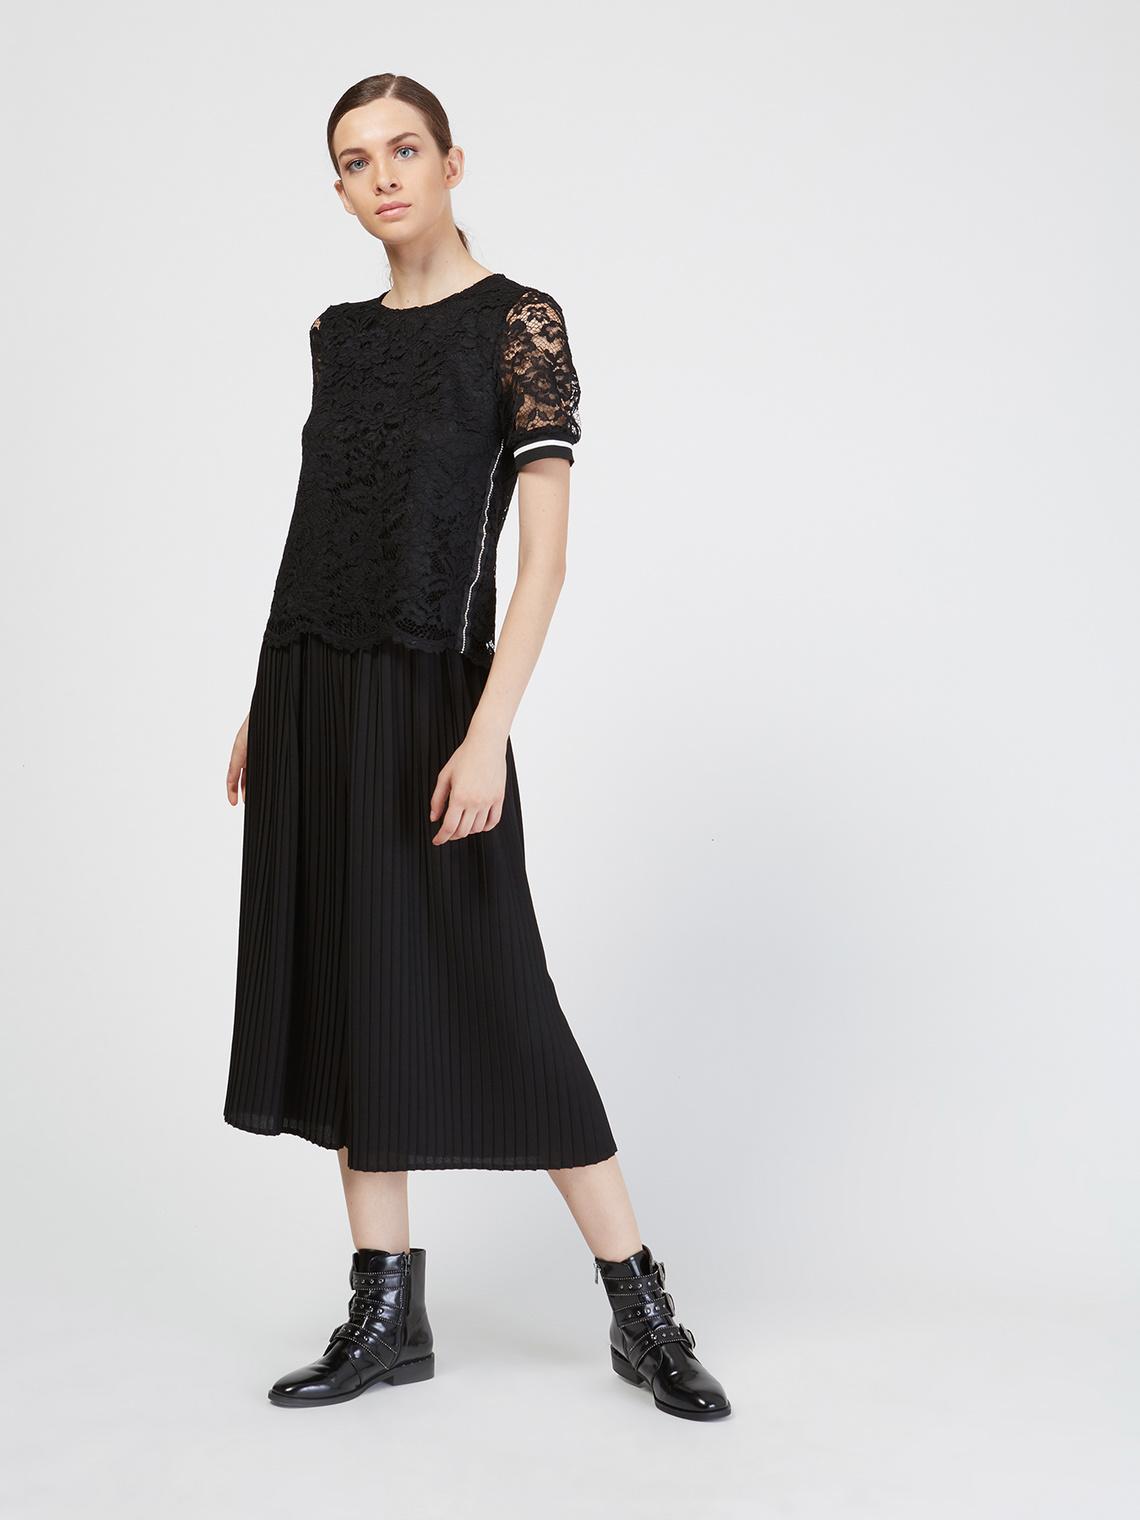 Motivi Pantaloni coulotte plissé - Taglia 40 Nero ALTRI MATERIALI